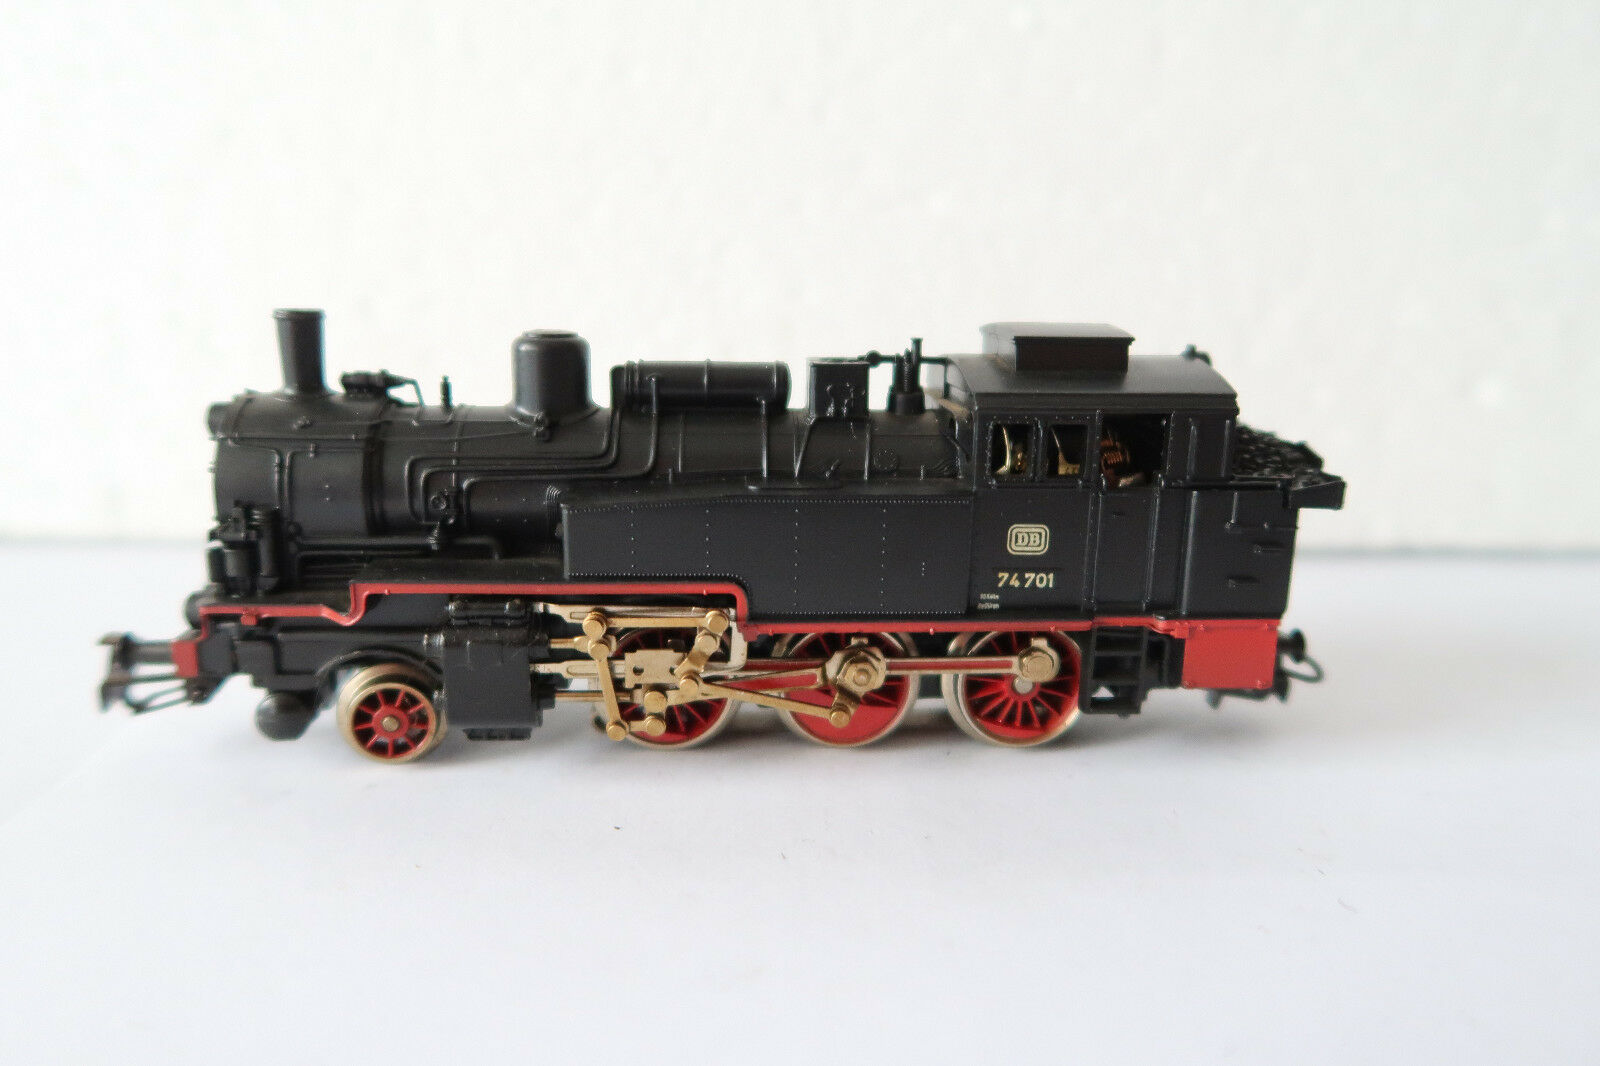 HO/AC 3095 a Vapore Locomotiva Br 74 701 DB  de/329-31c2/7